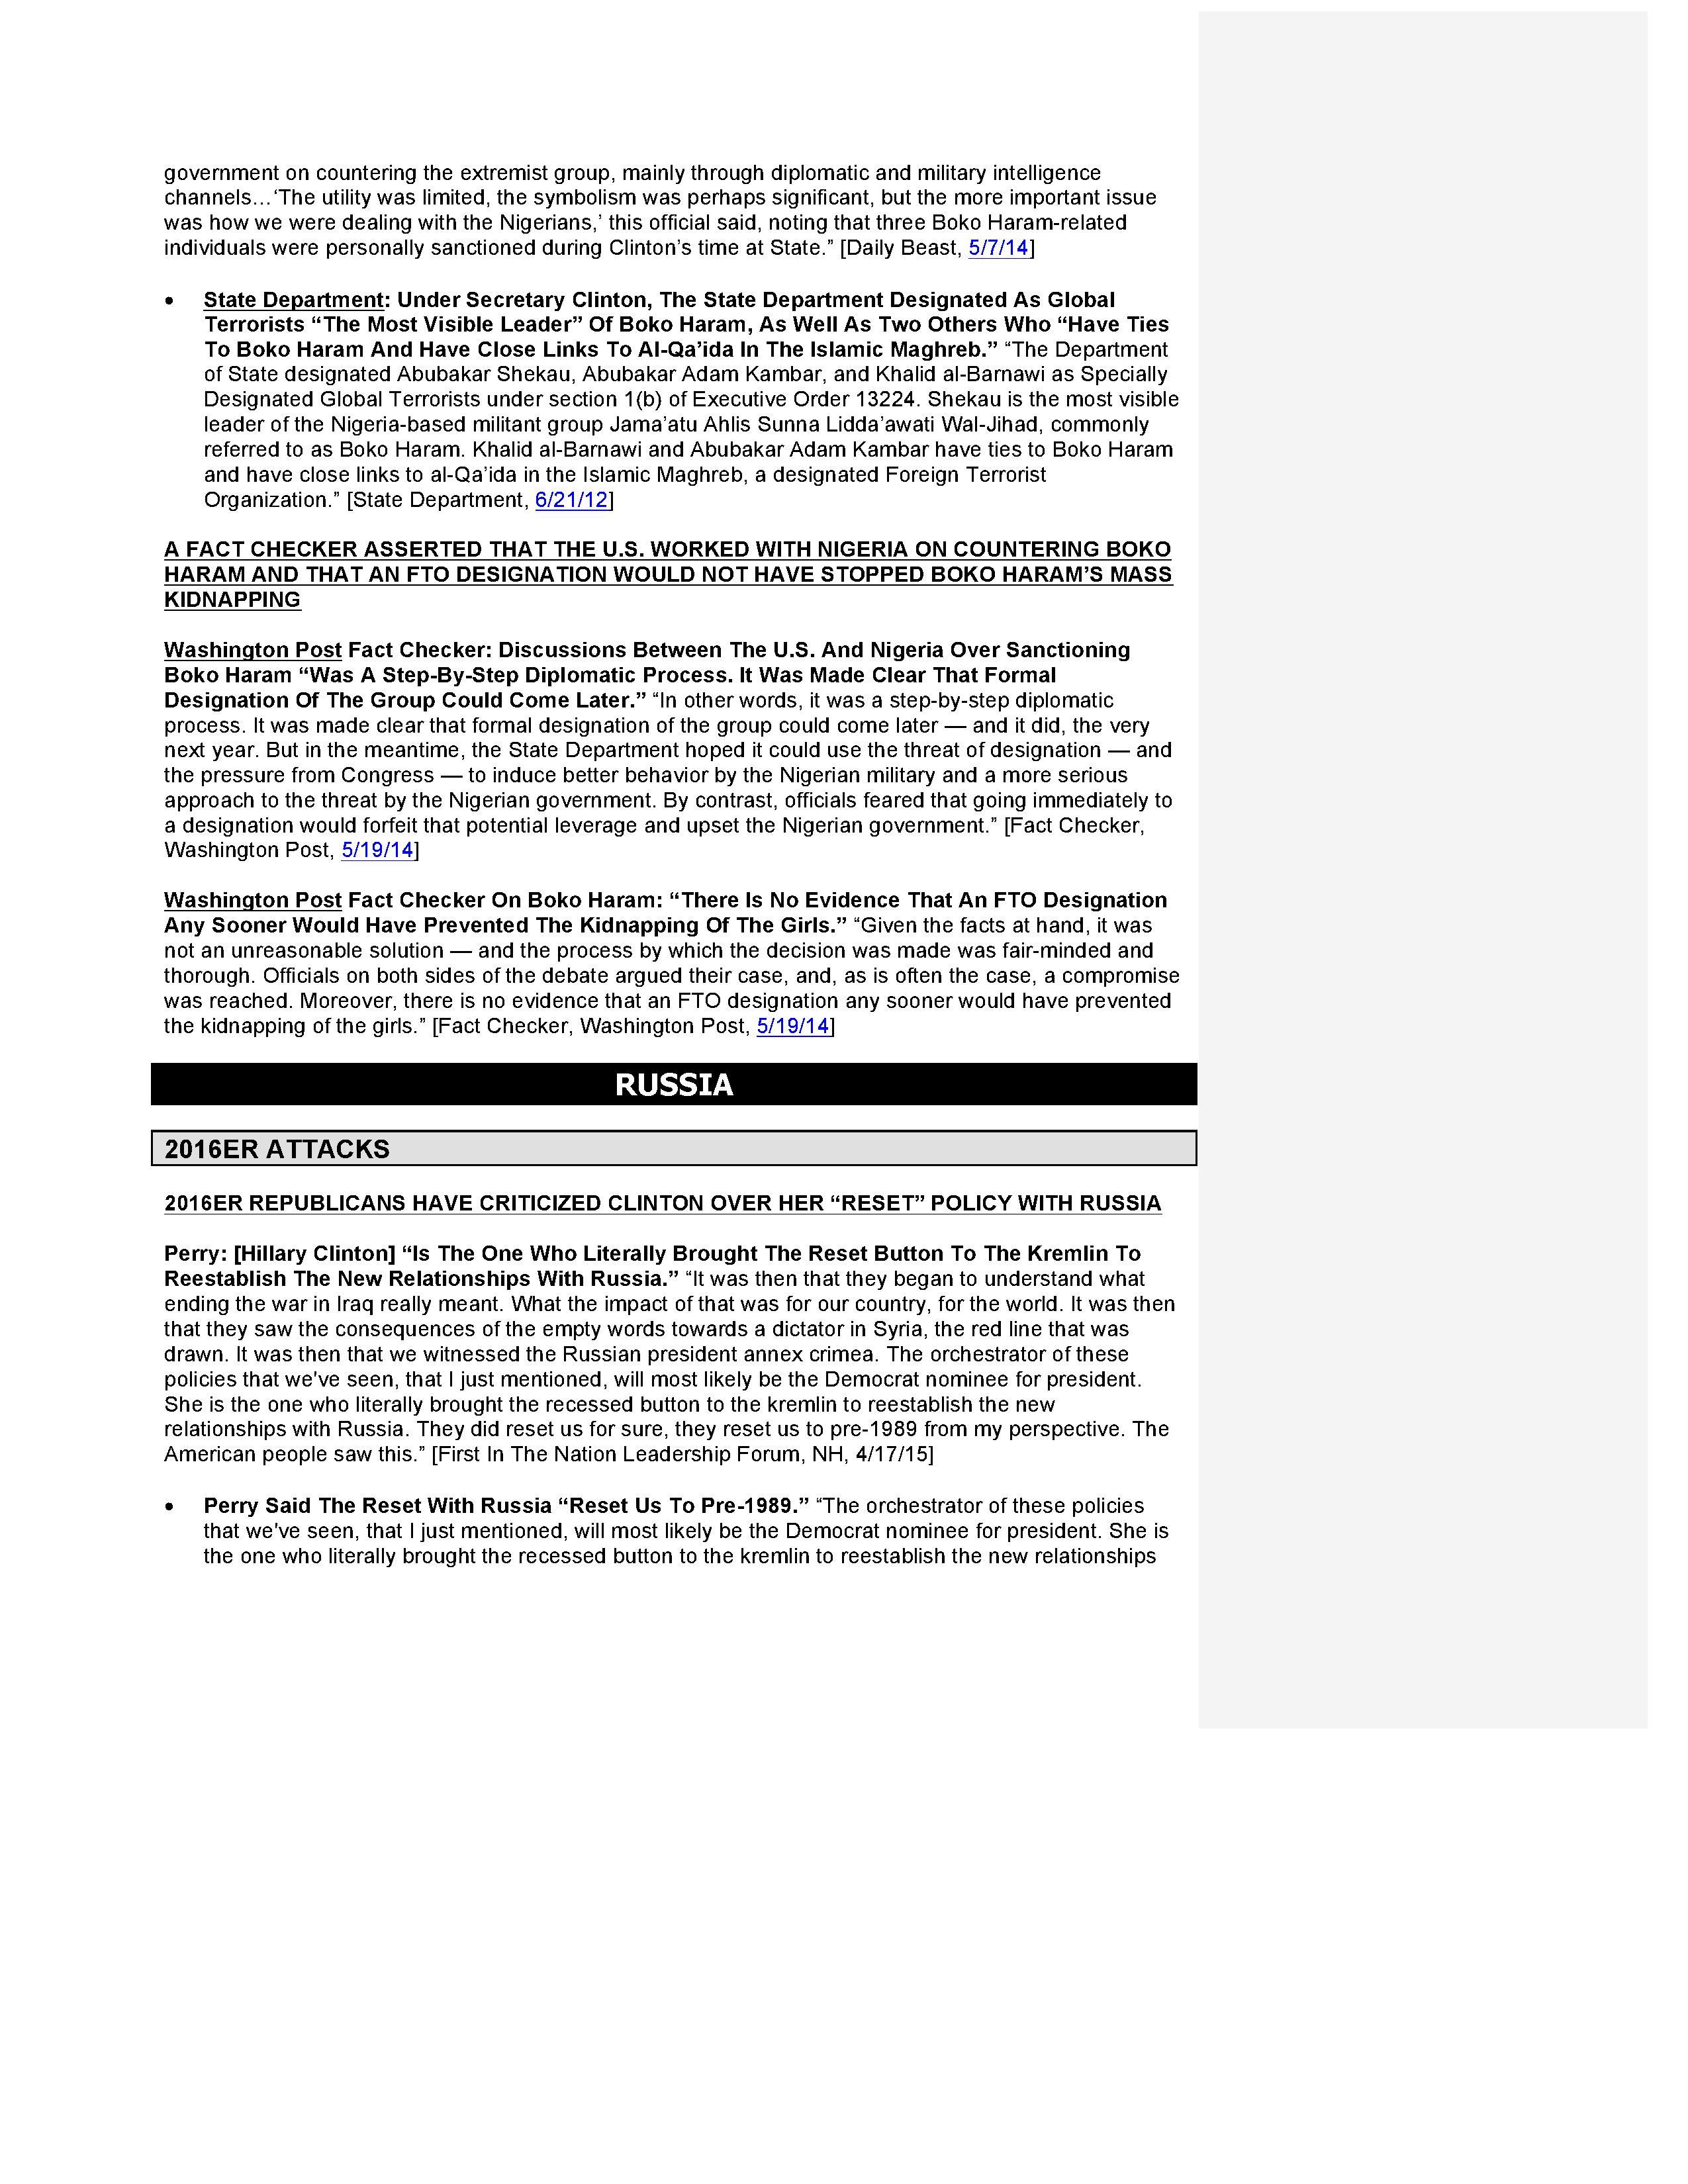 2016er Attacks HRC Defense Master Doc 576c1d290c6fb 2016er Attacks Hrc  Defense Master Doc Xdzgtfu6 Tank Inspector Cover Letter Extremism